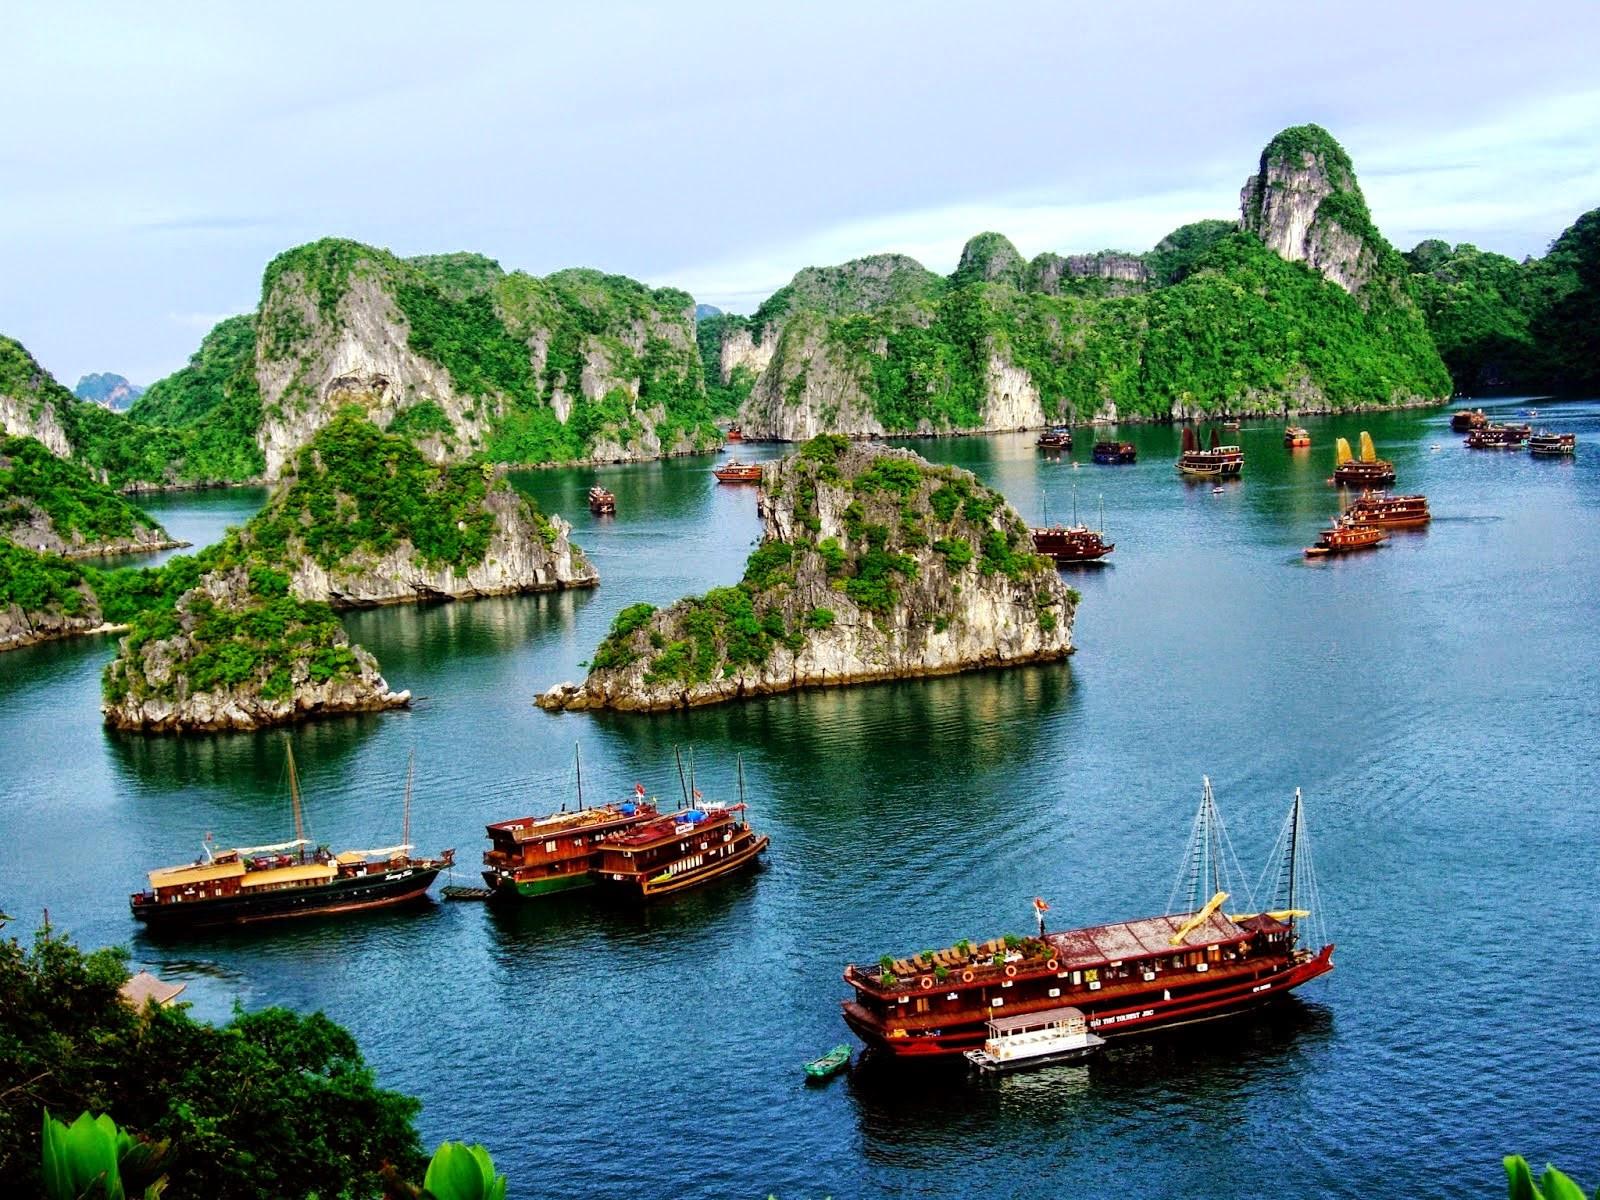 Tour du lịch ha long - Mùa hè luôn là mùa du lịch Hạ Long trọng điểm trong năm